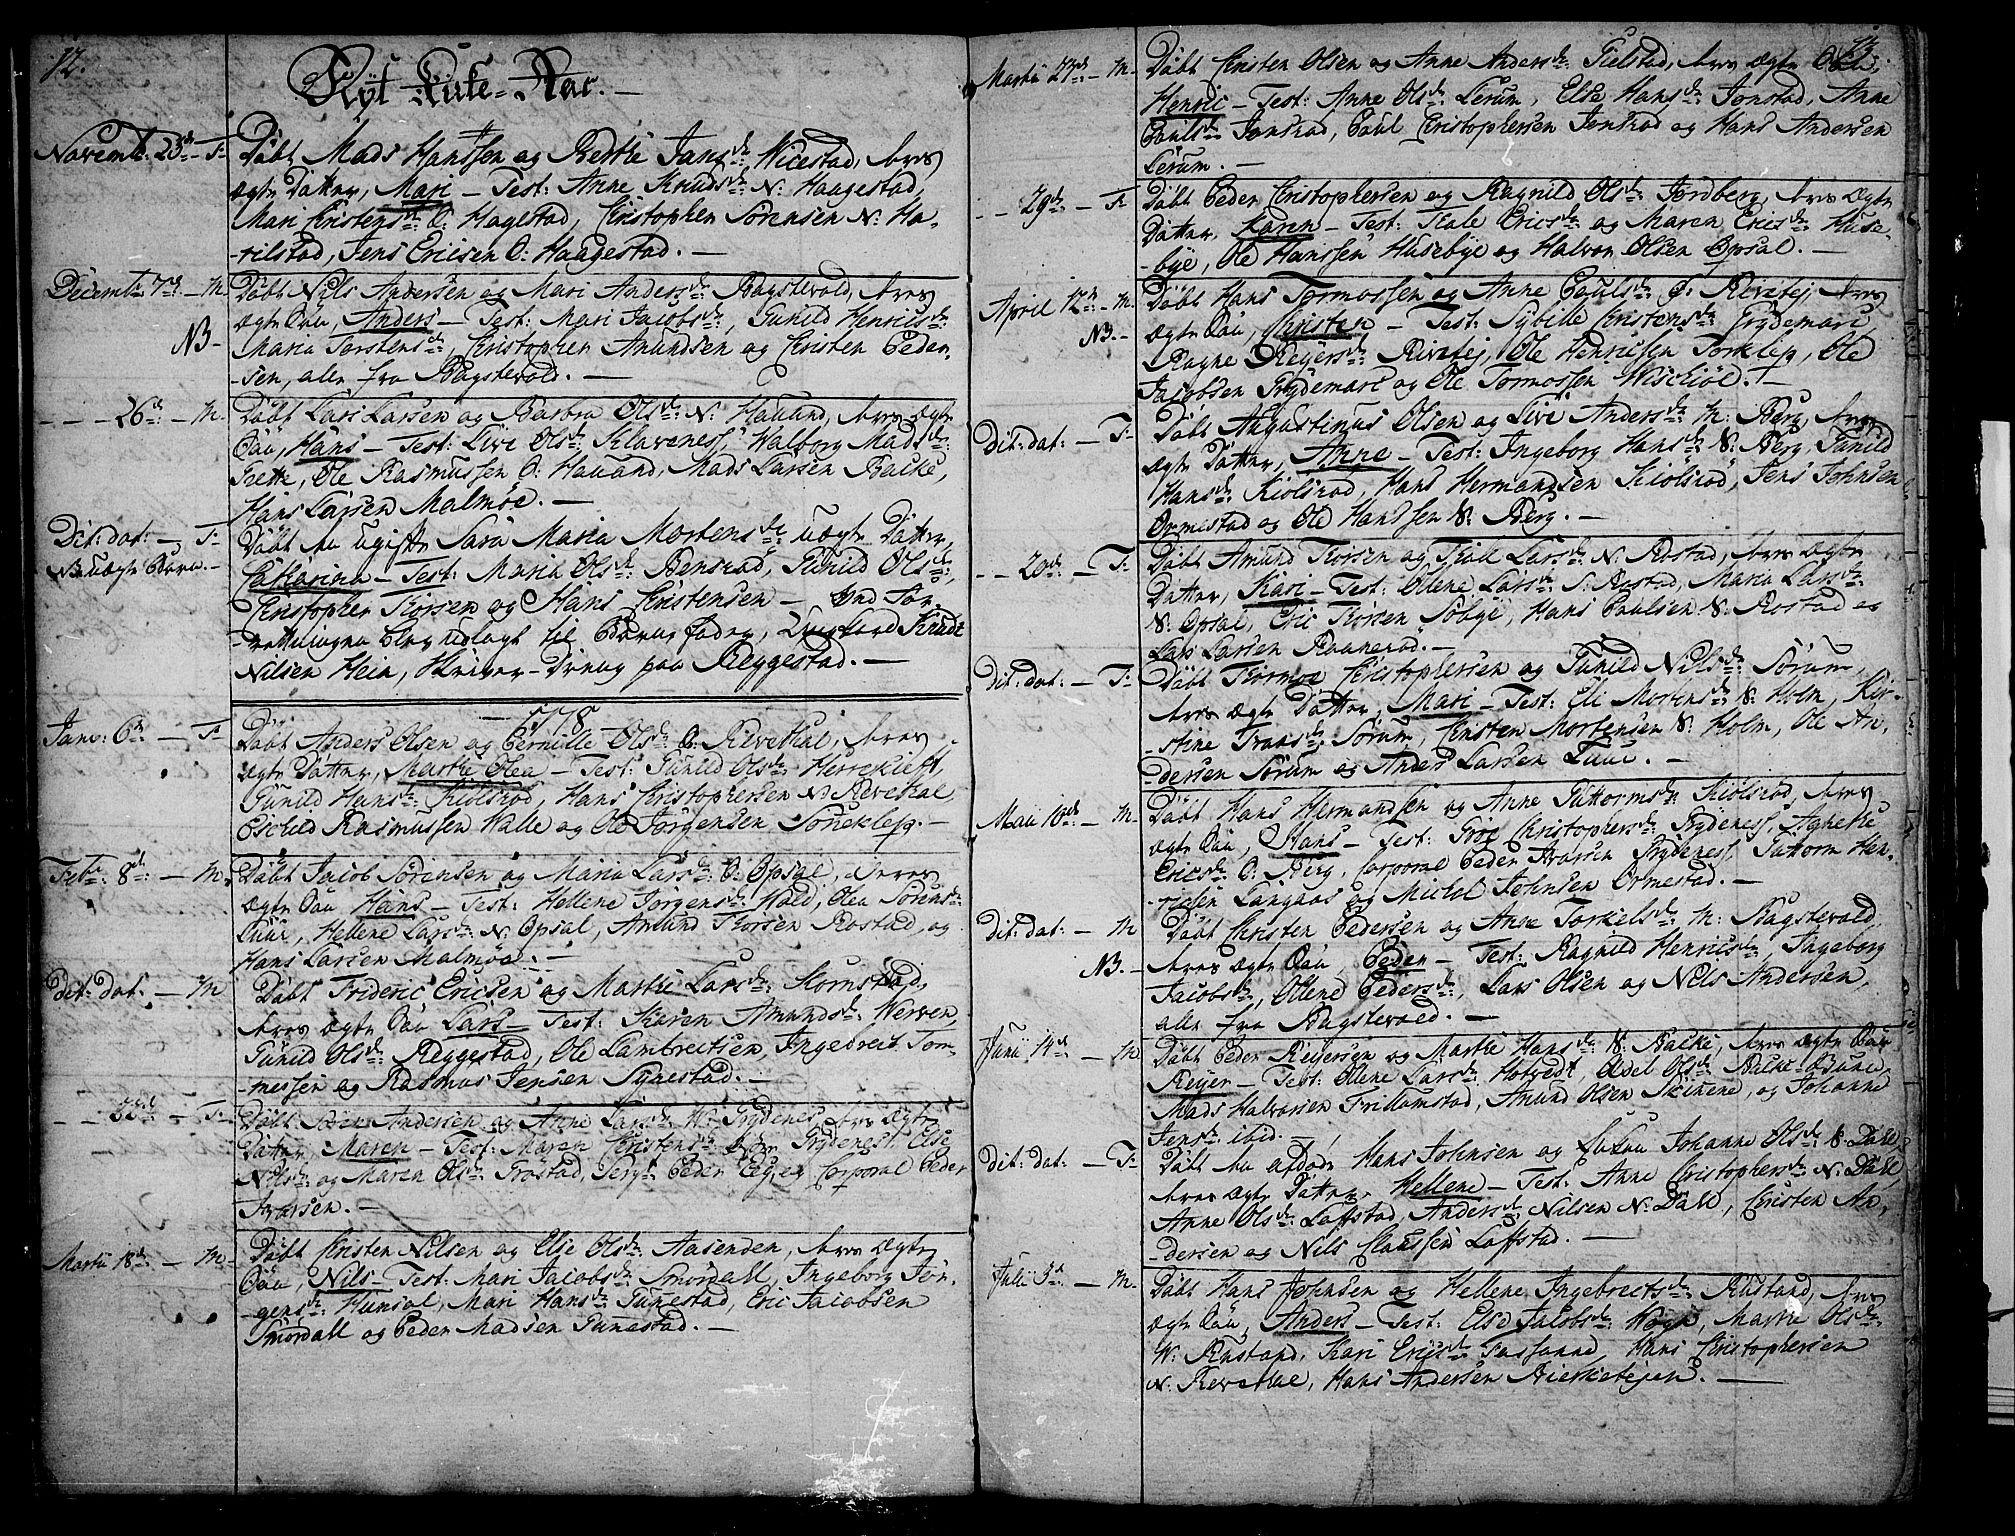 SAKO, Våle kirkebøker, F/Fa/L0005: Ministerialbok nr. I 5, 1773-1808, s. 12-13